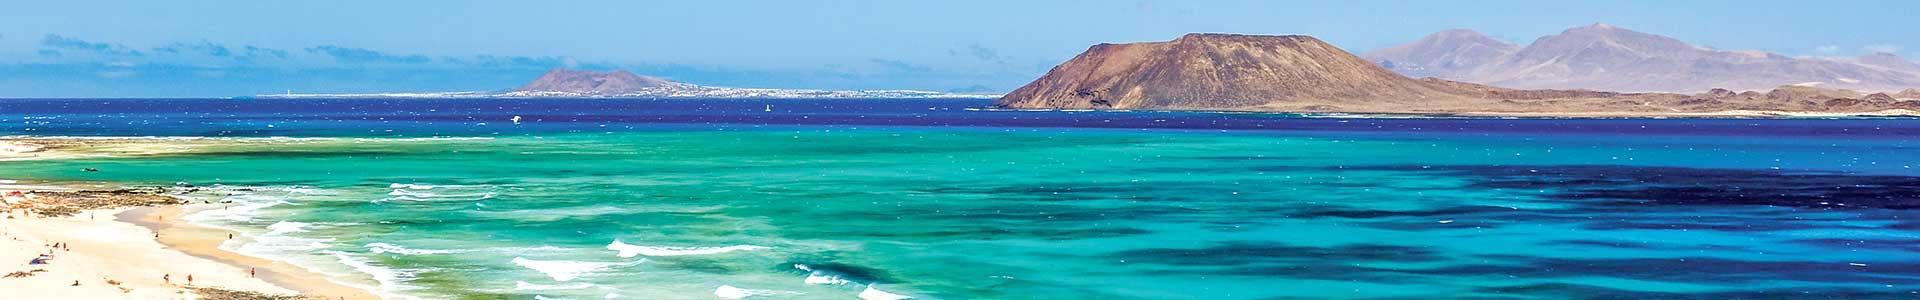 Voyage à Fuerteventura - TUI